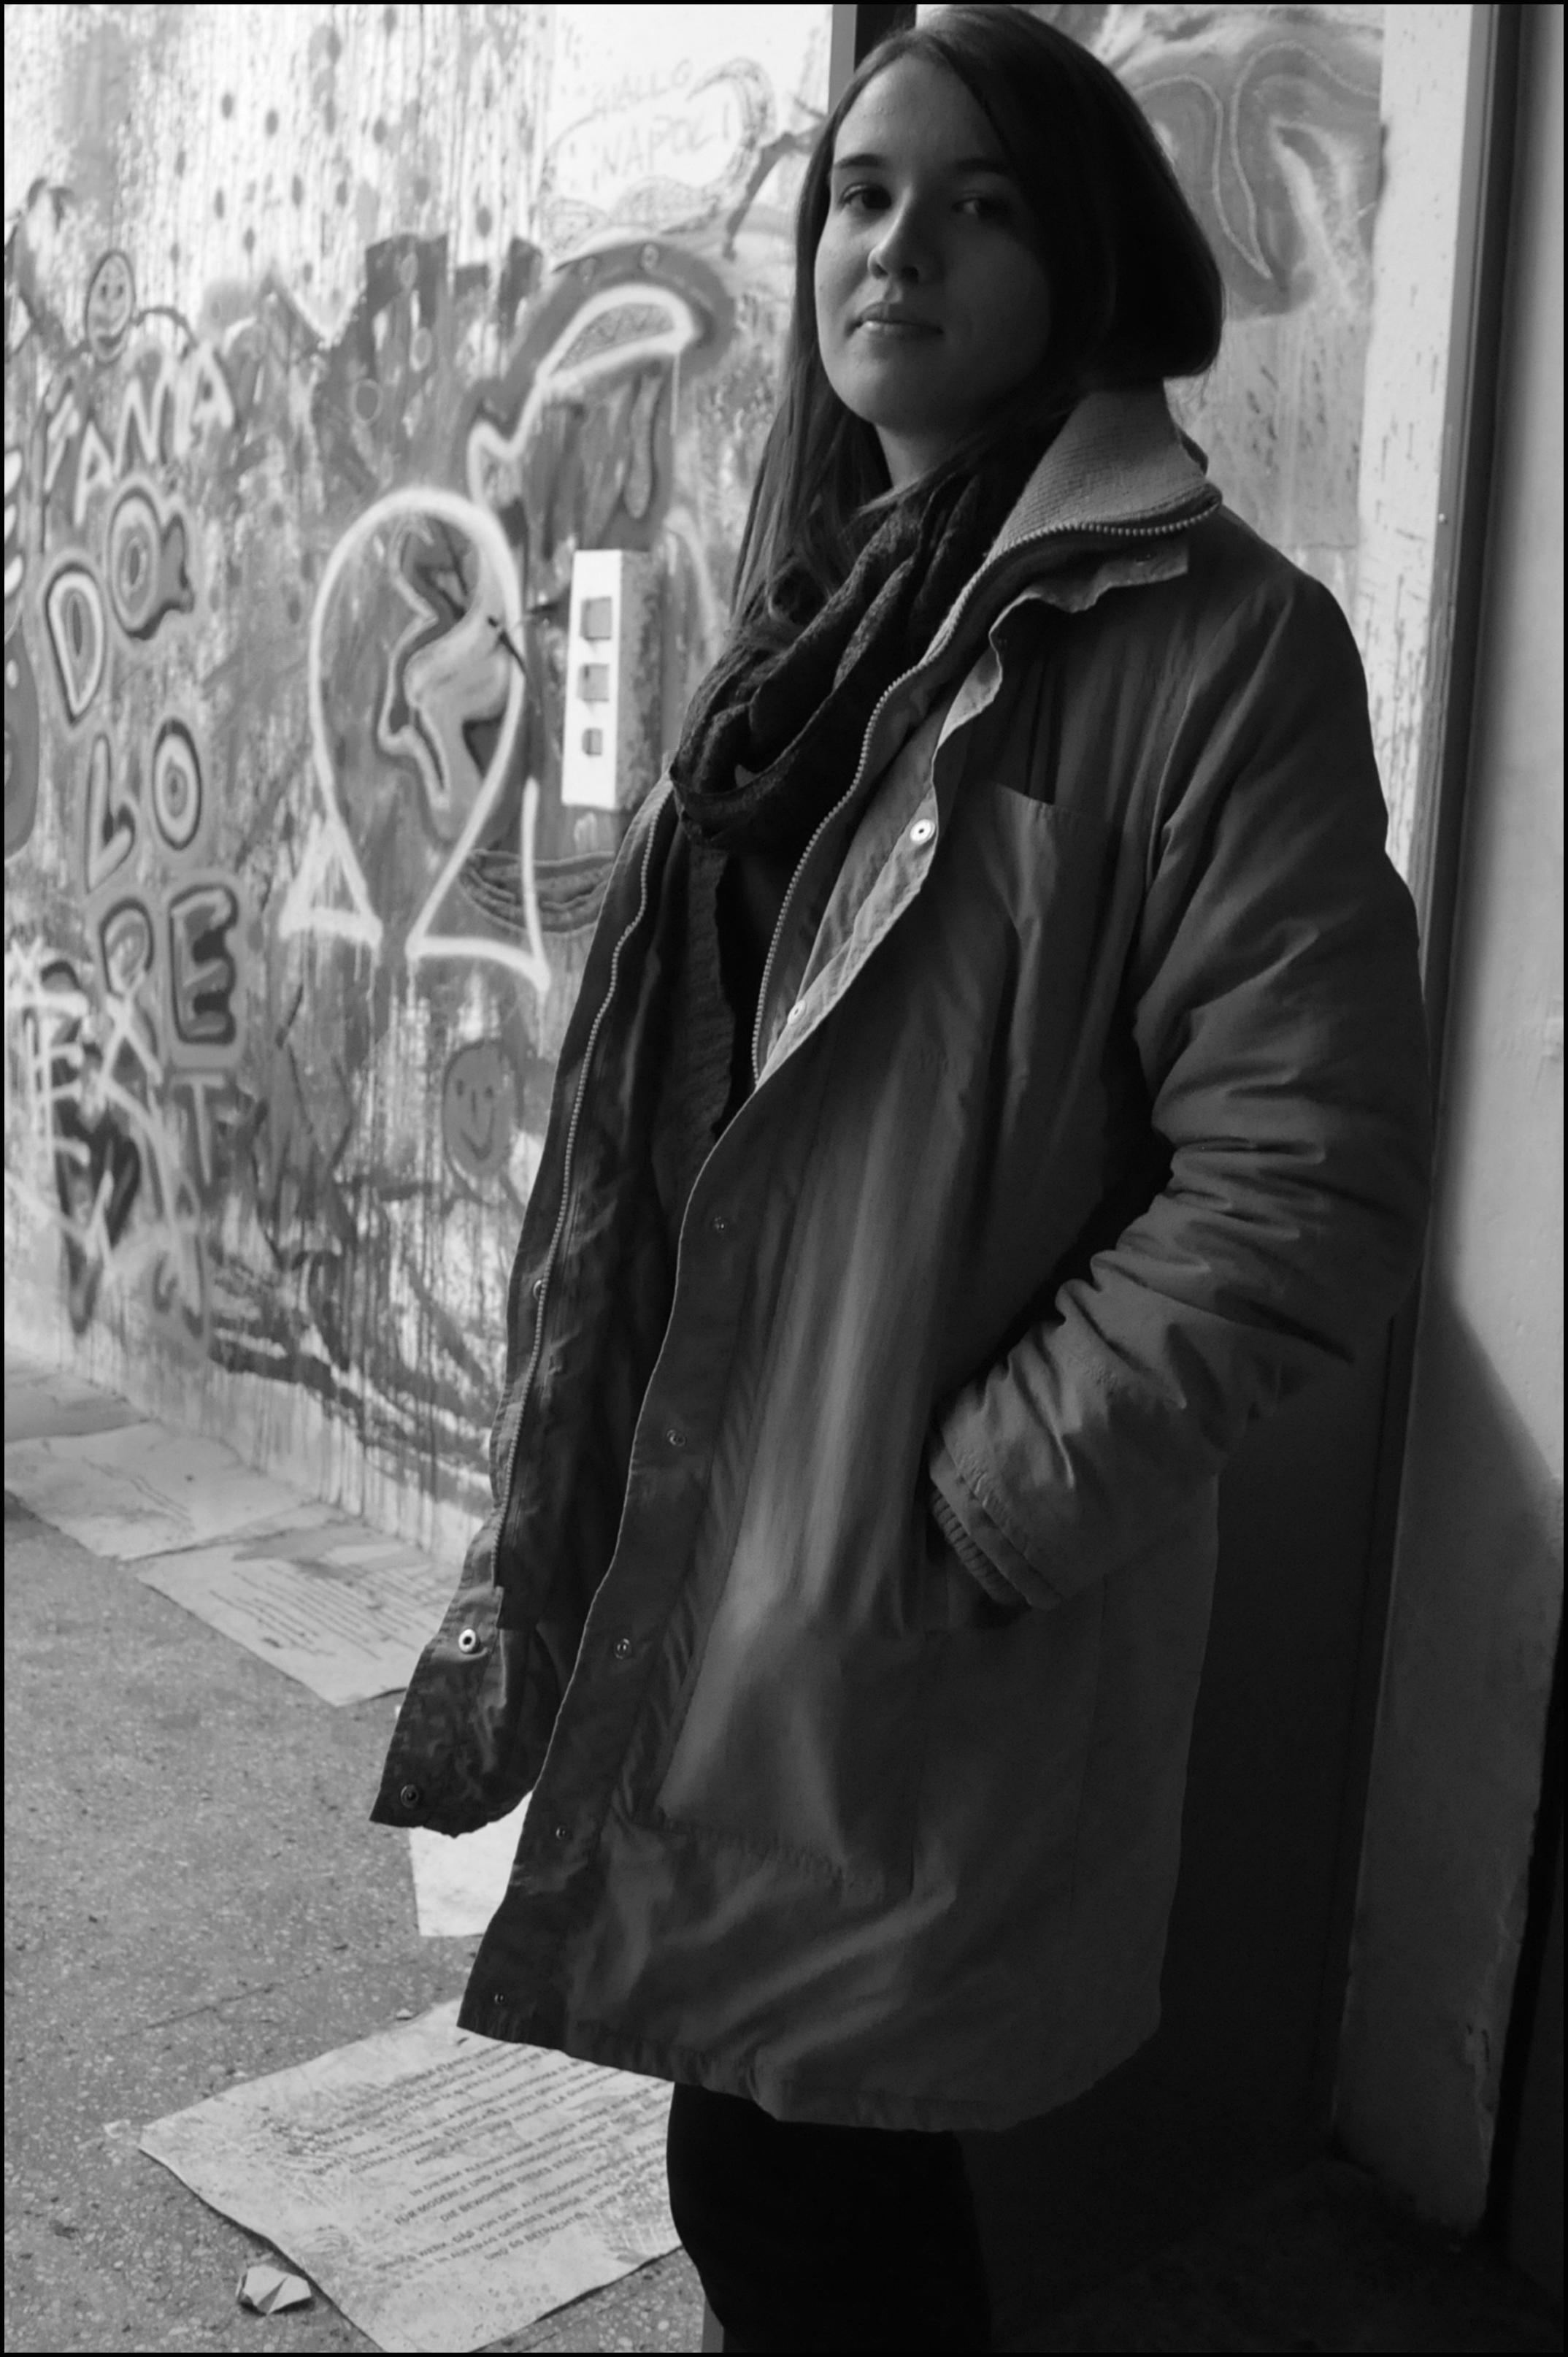 lunedì 9 dicembre 2013, Eleonora Di Marino, al termine del progetto _Aperto_, Wilson Project Space, Via Marsiglia 35_A, Sassari